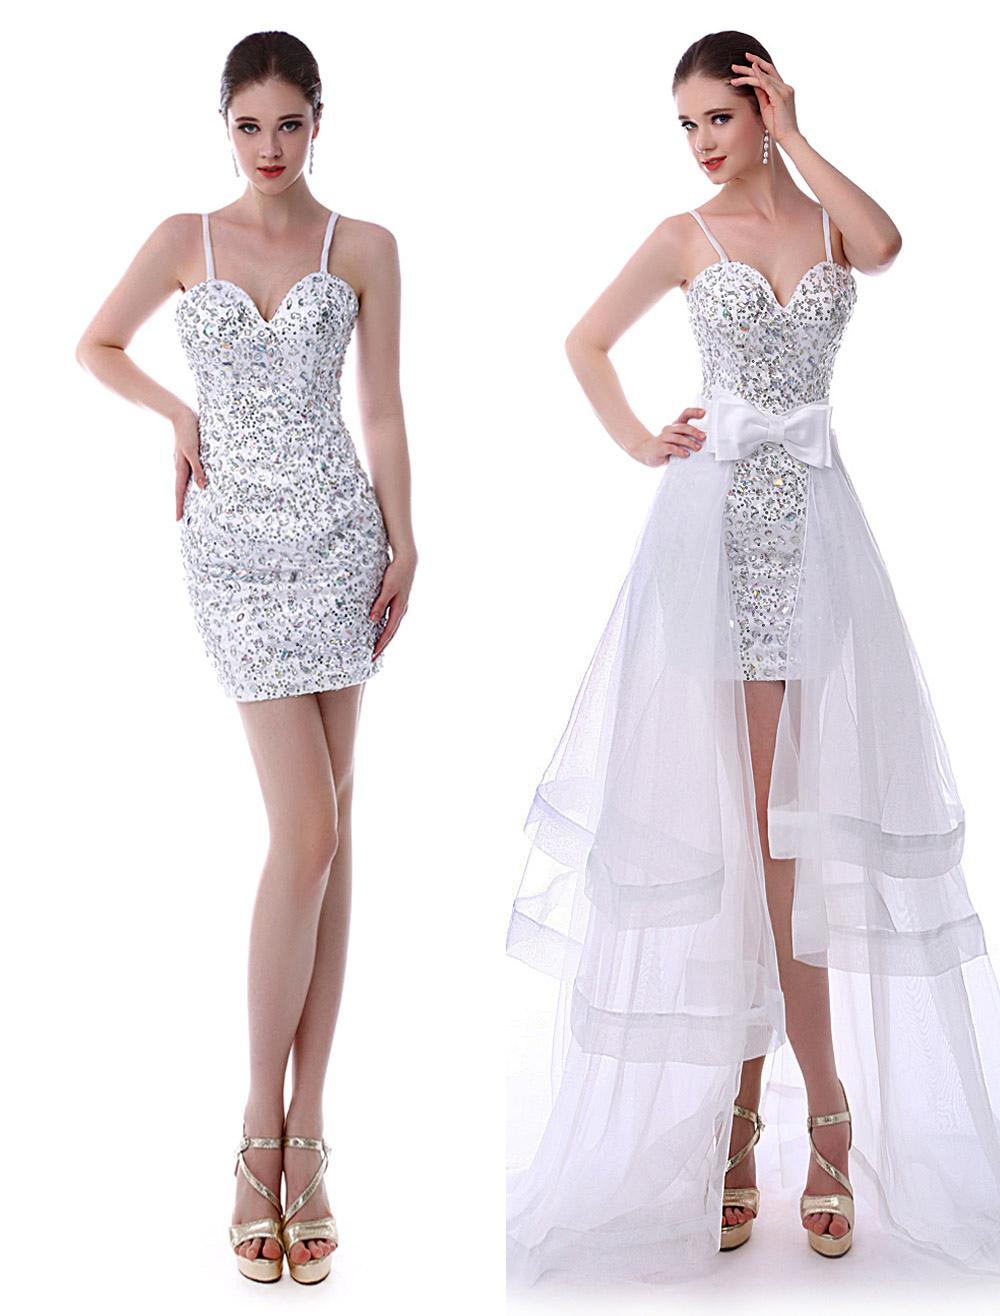 White Sheath Prom Dress with Sweetheart Neck Sleeveless Bow (Wedding Prom Dresses) photo